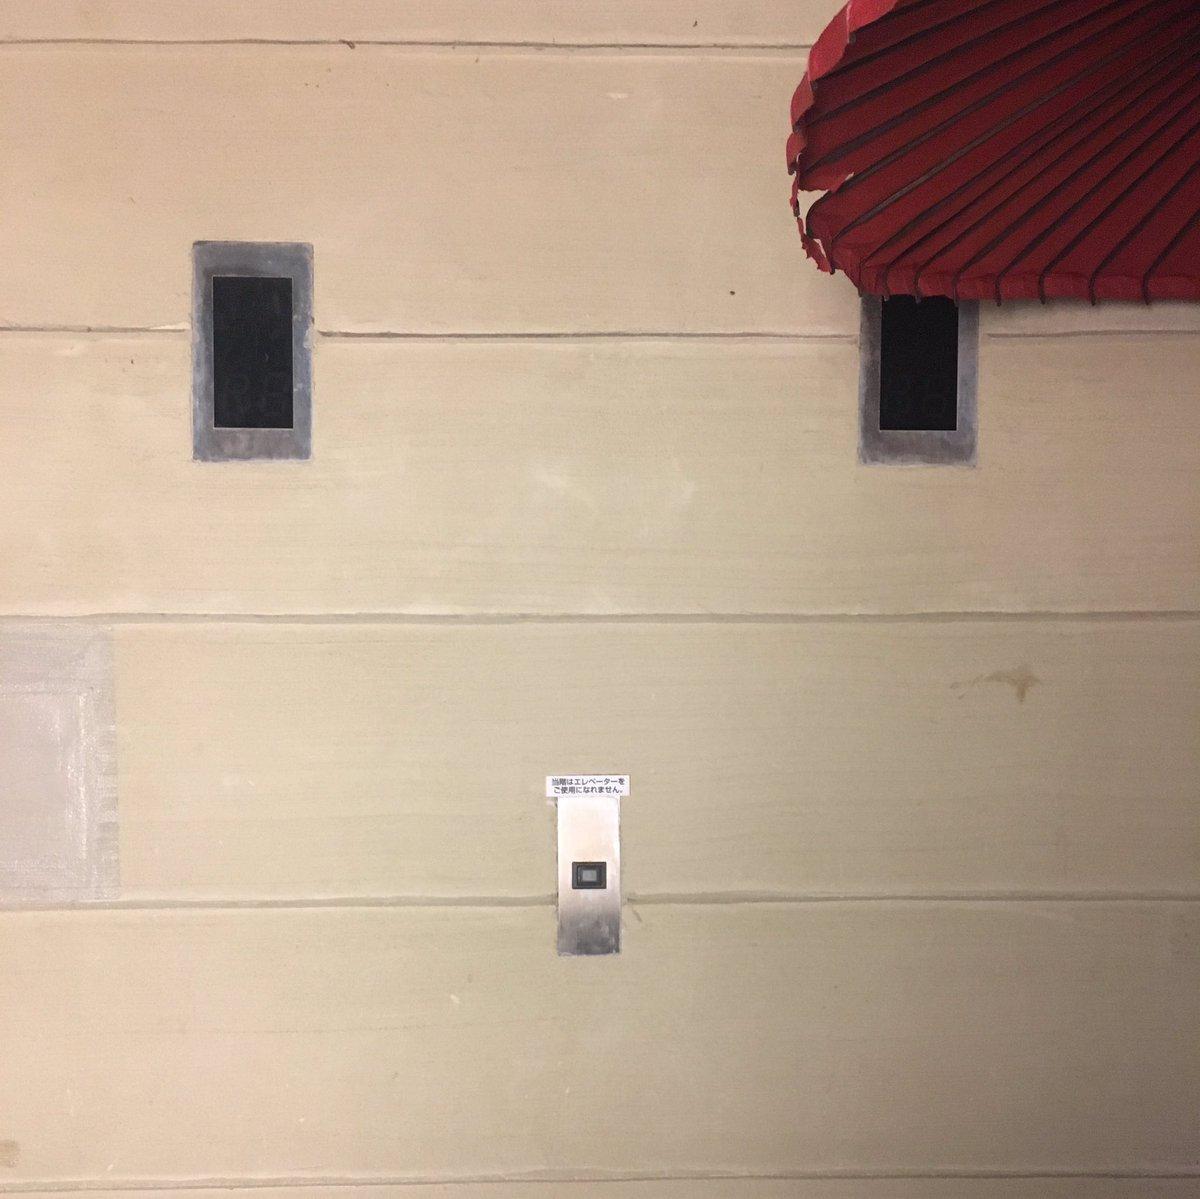 土曜はひさびさロケッツスタジオでした。 壁に埋まったエレベーターが怖い。 そしてまたシミュラクラ現象。